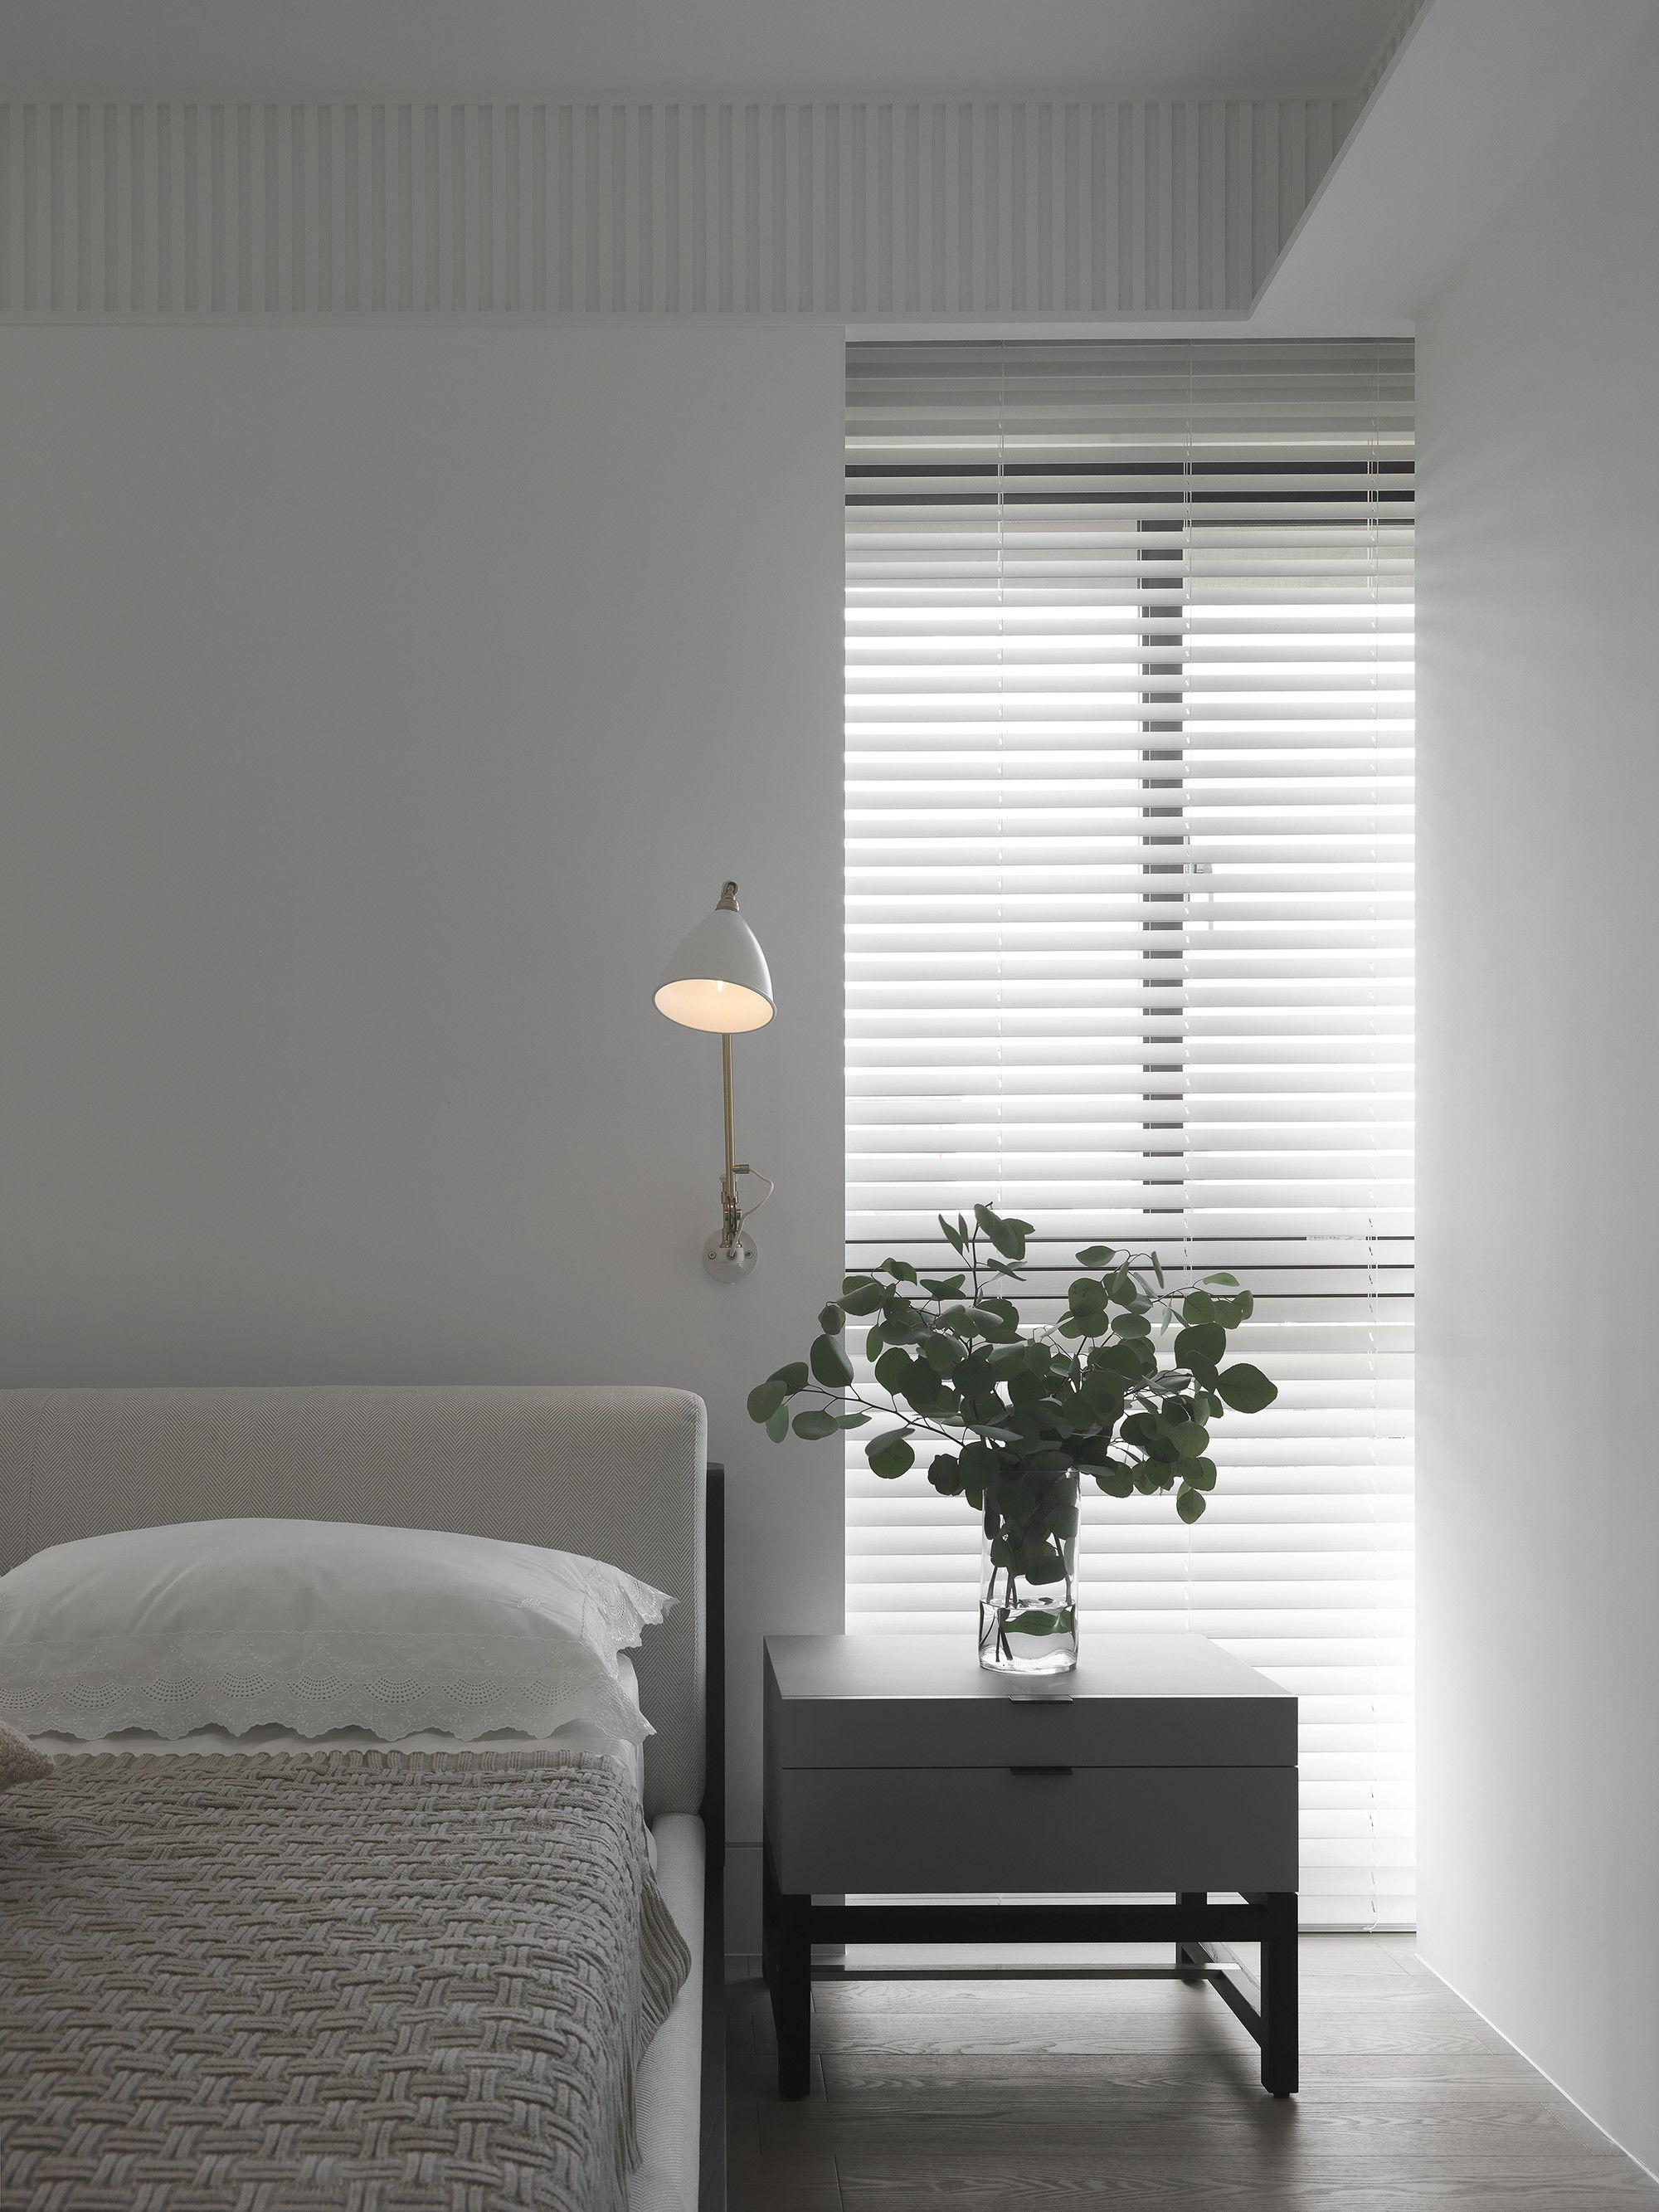 台中 分子室內裝修設計 - 單層電梯大樓 - 現代風住宅設計 - 全室舊屋翻新 - 臥室北歐燈具